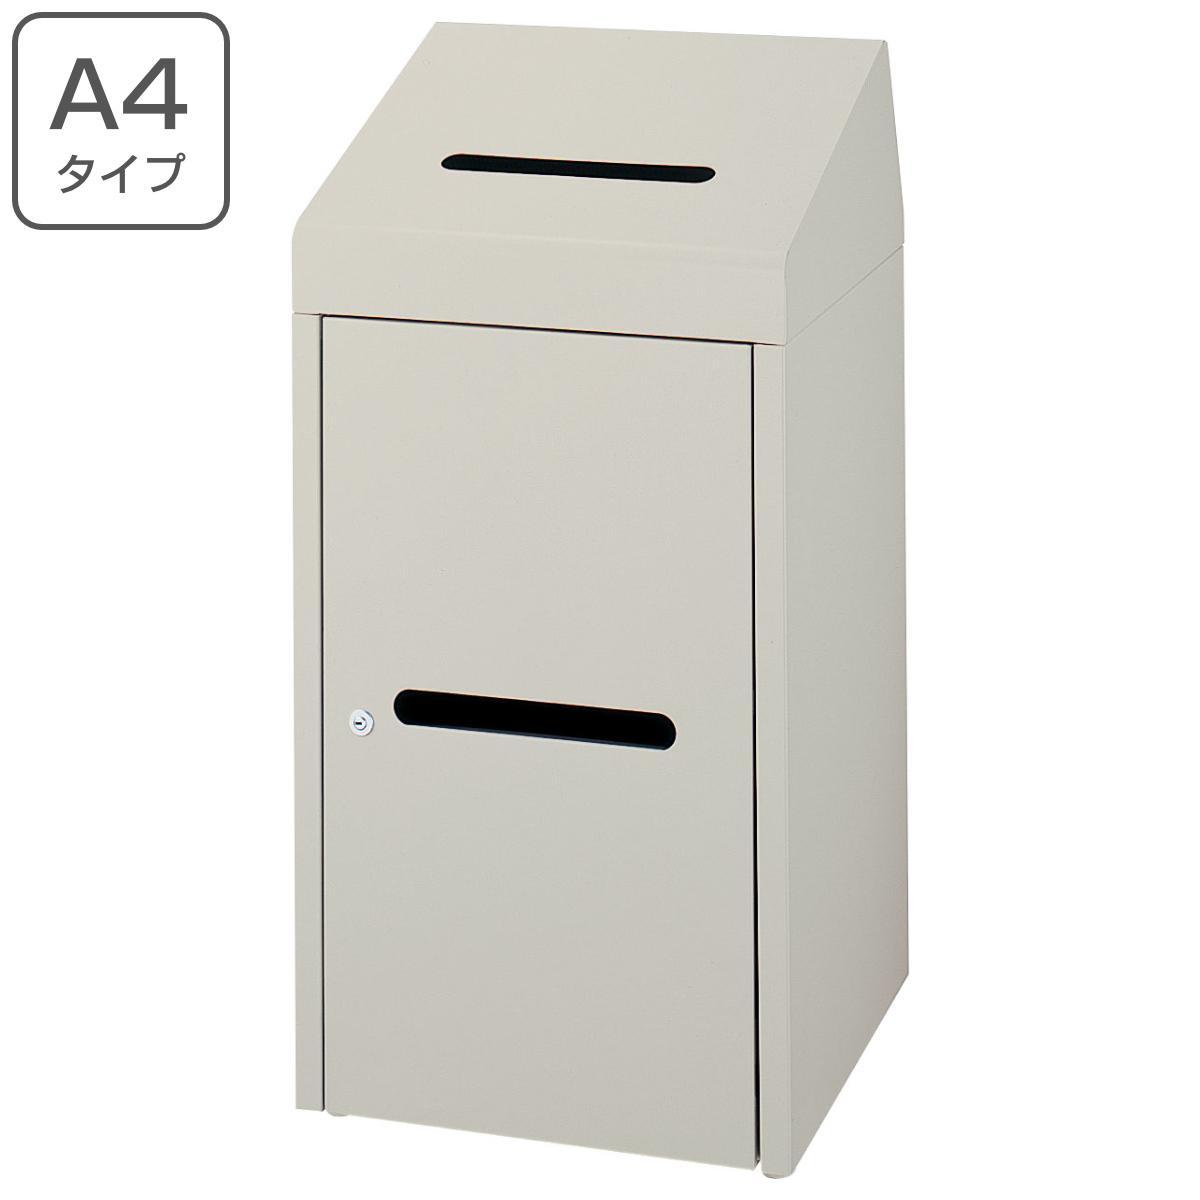 機密文書回収ボックス A4 送料無料